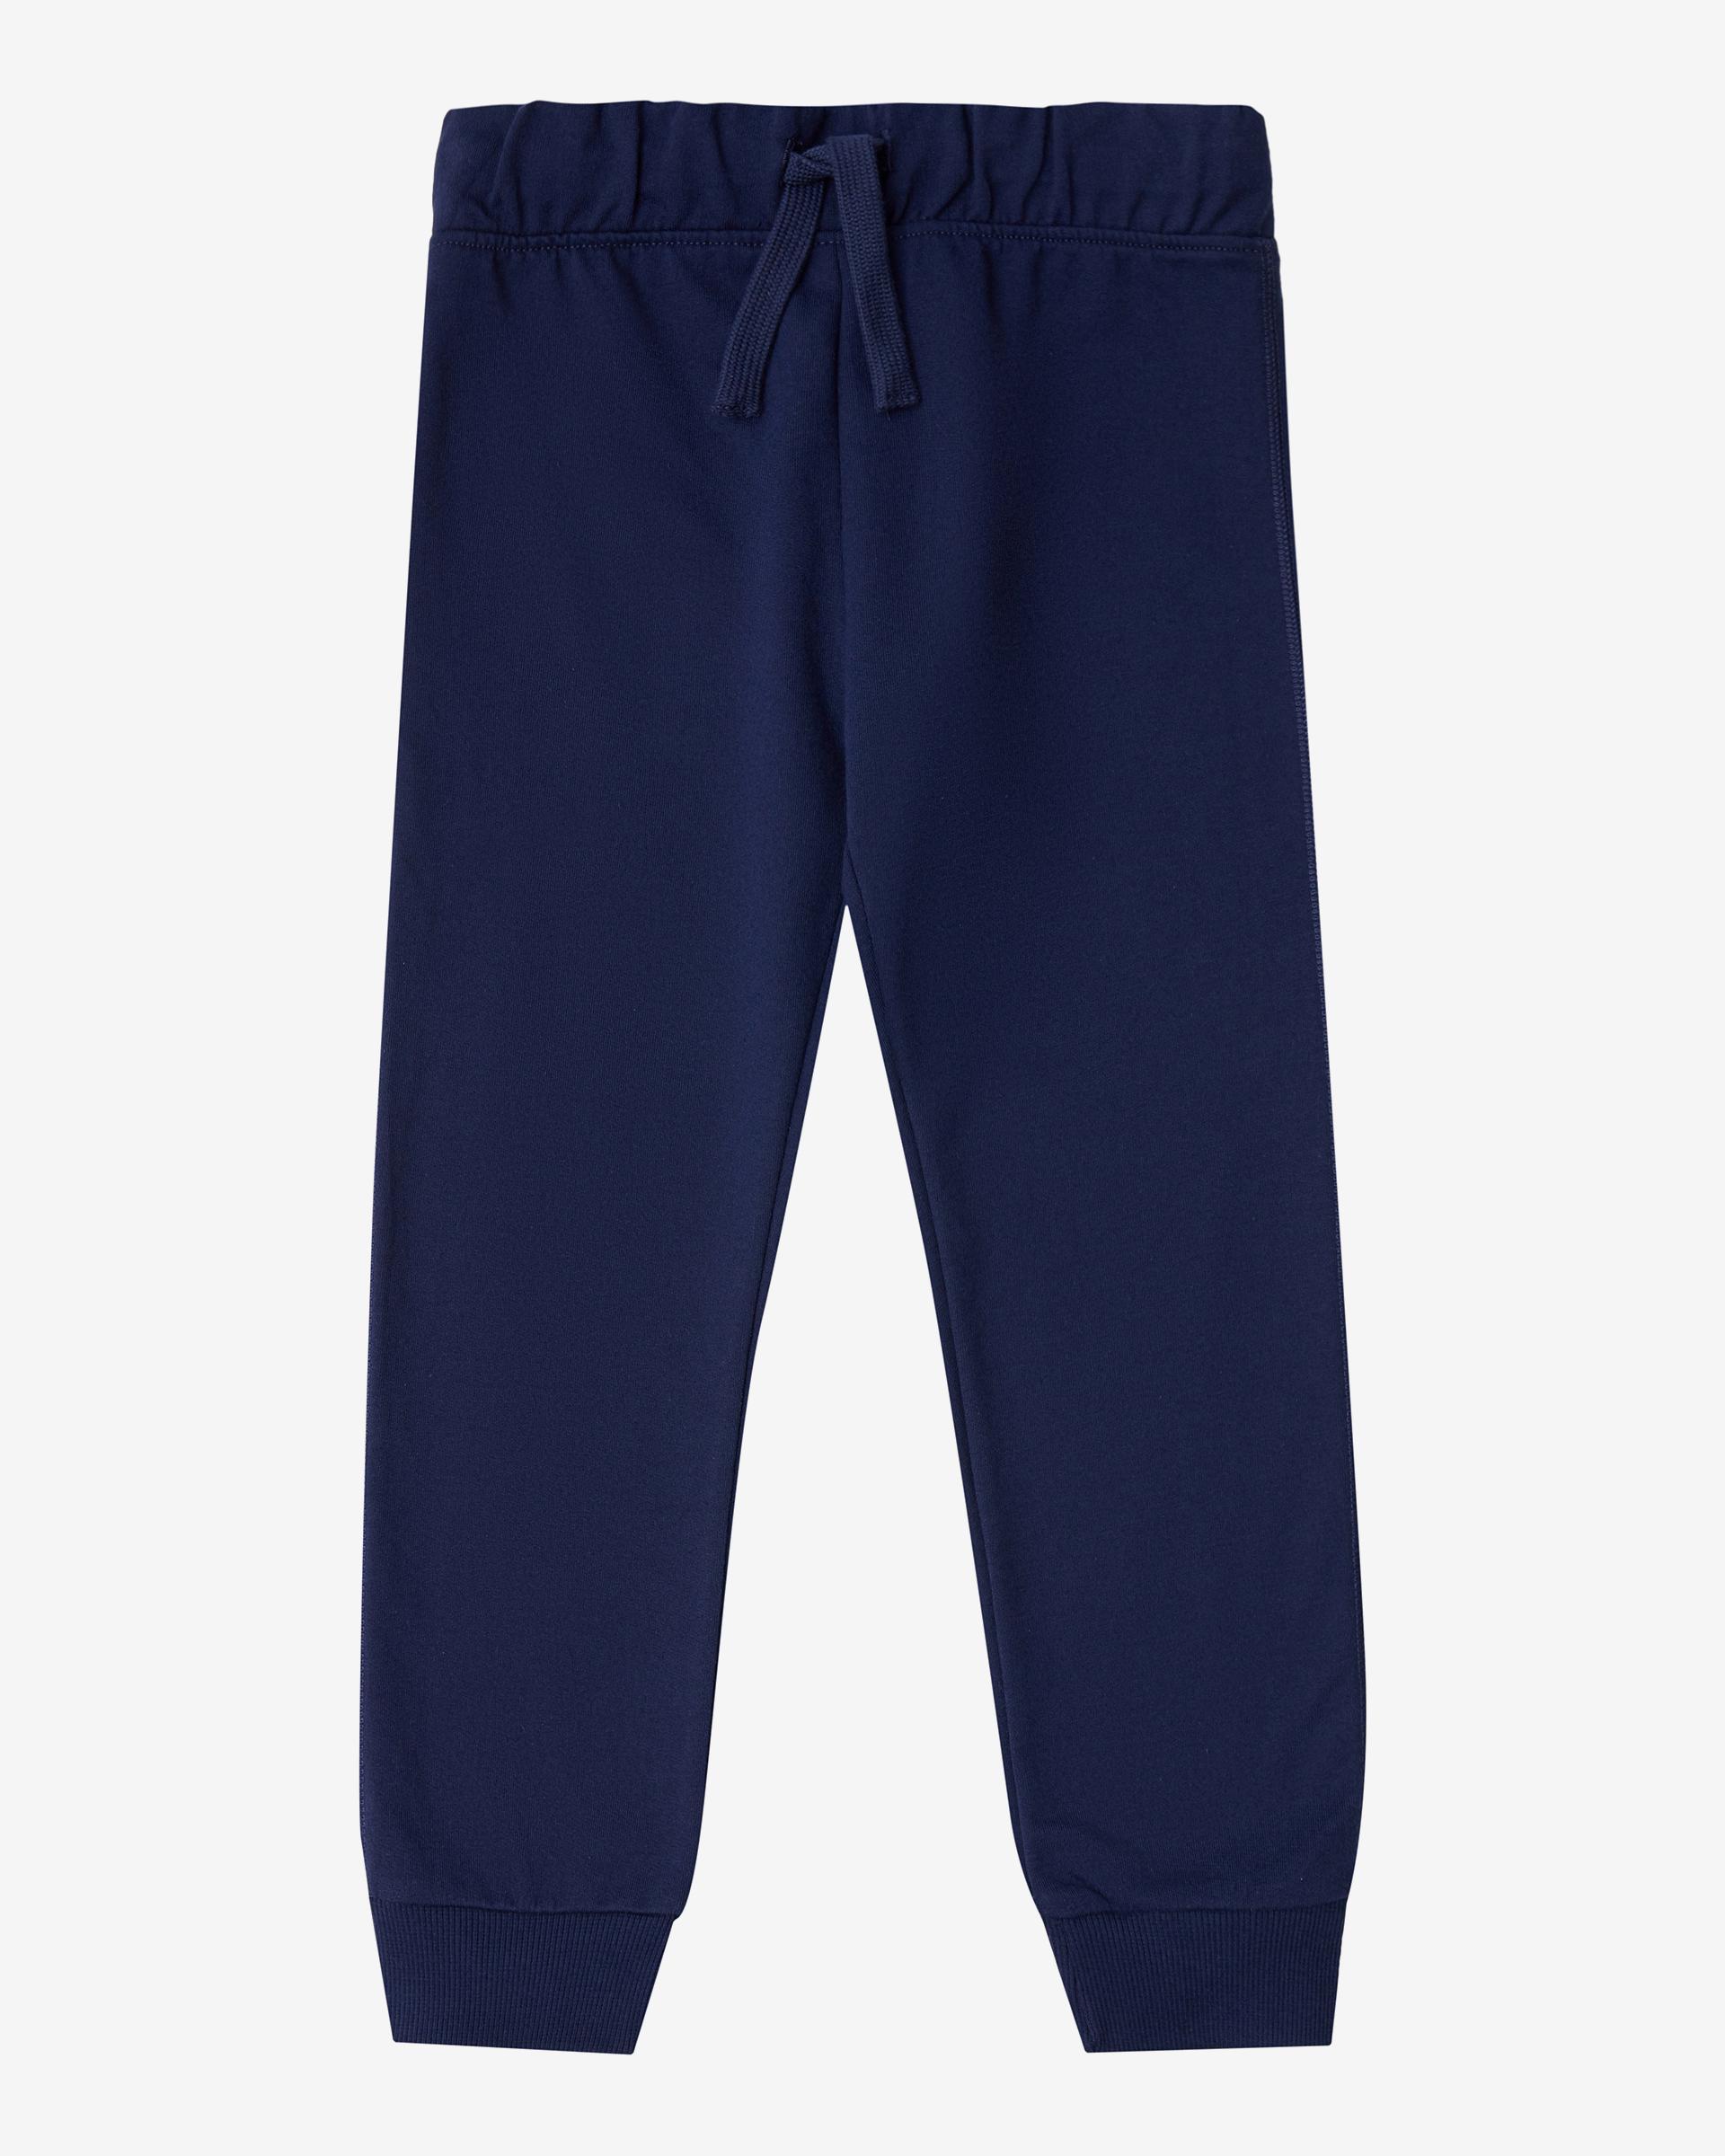 Купить 20P_3BC1I0986_252, Спортивные брюки для мальчиков Benetton 3BC1I0986_252 р-р 80, United Colors of Benetton, Шорты и брюки для новорожденных